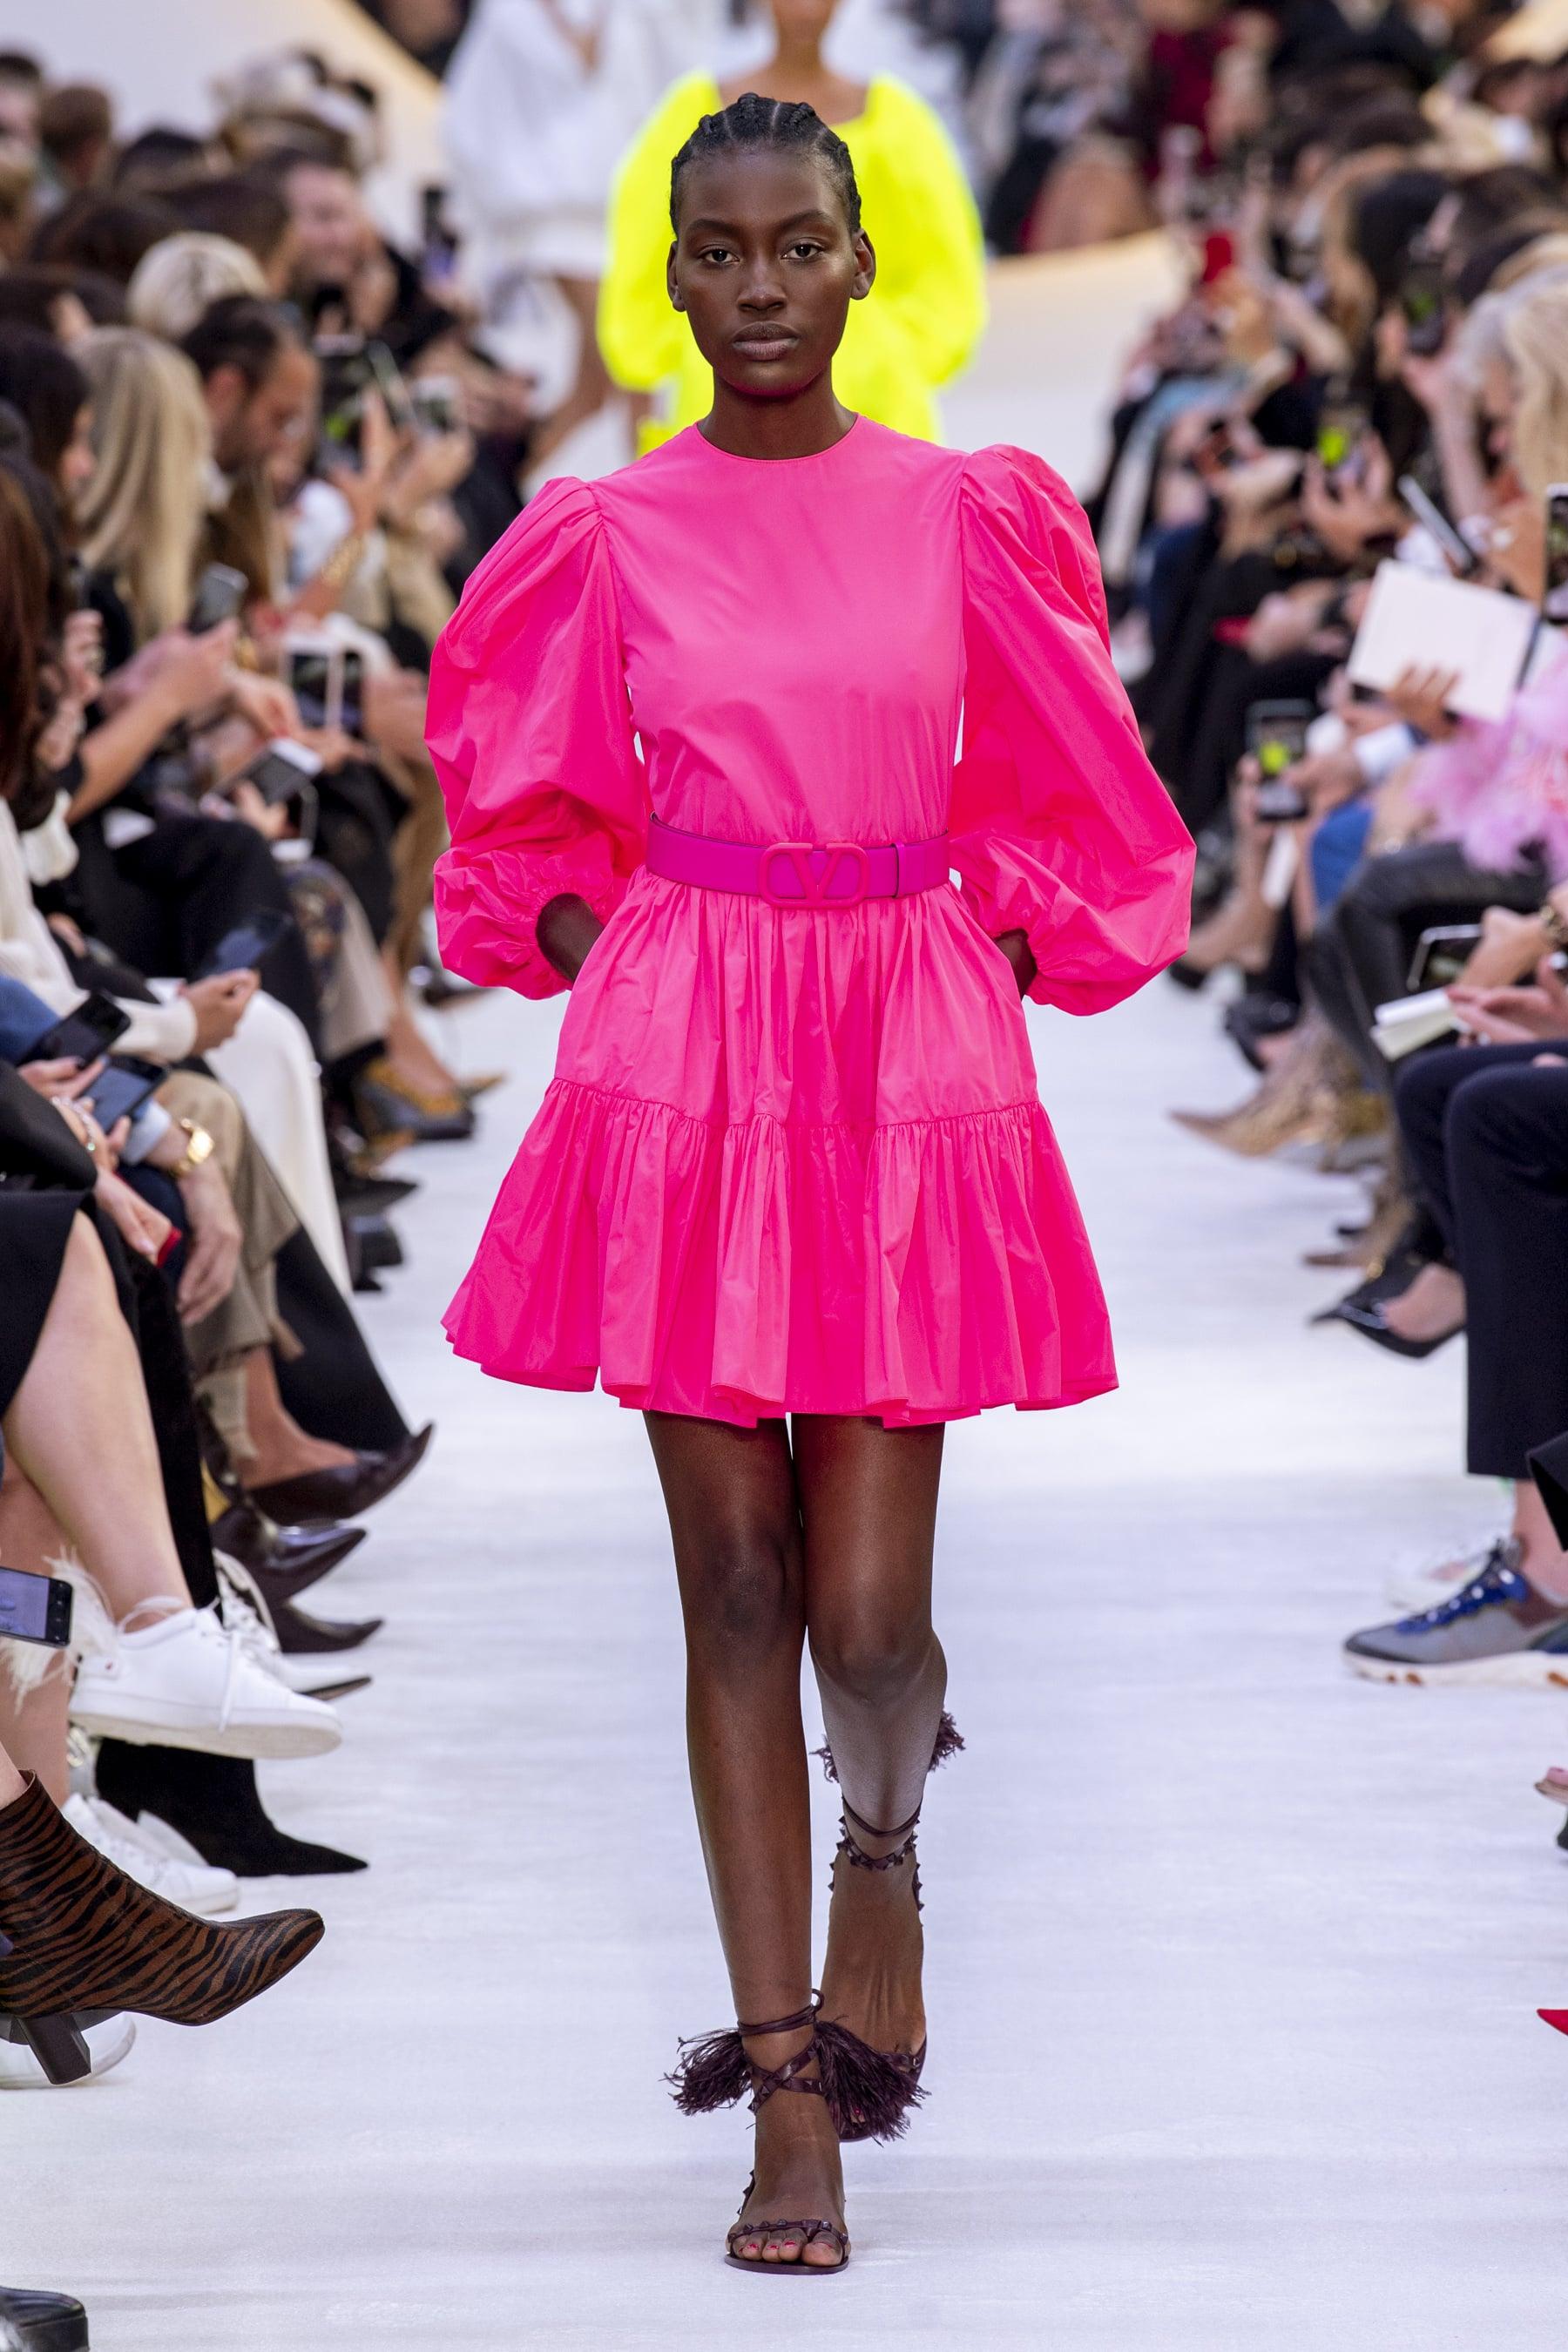 đầm hồng neon tay phồng - xu hướng thời trang xuân hè 2020